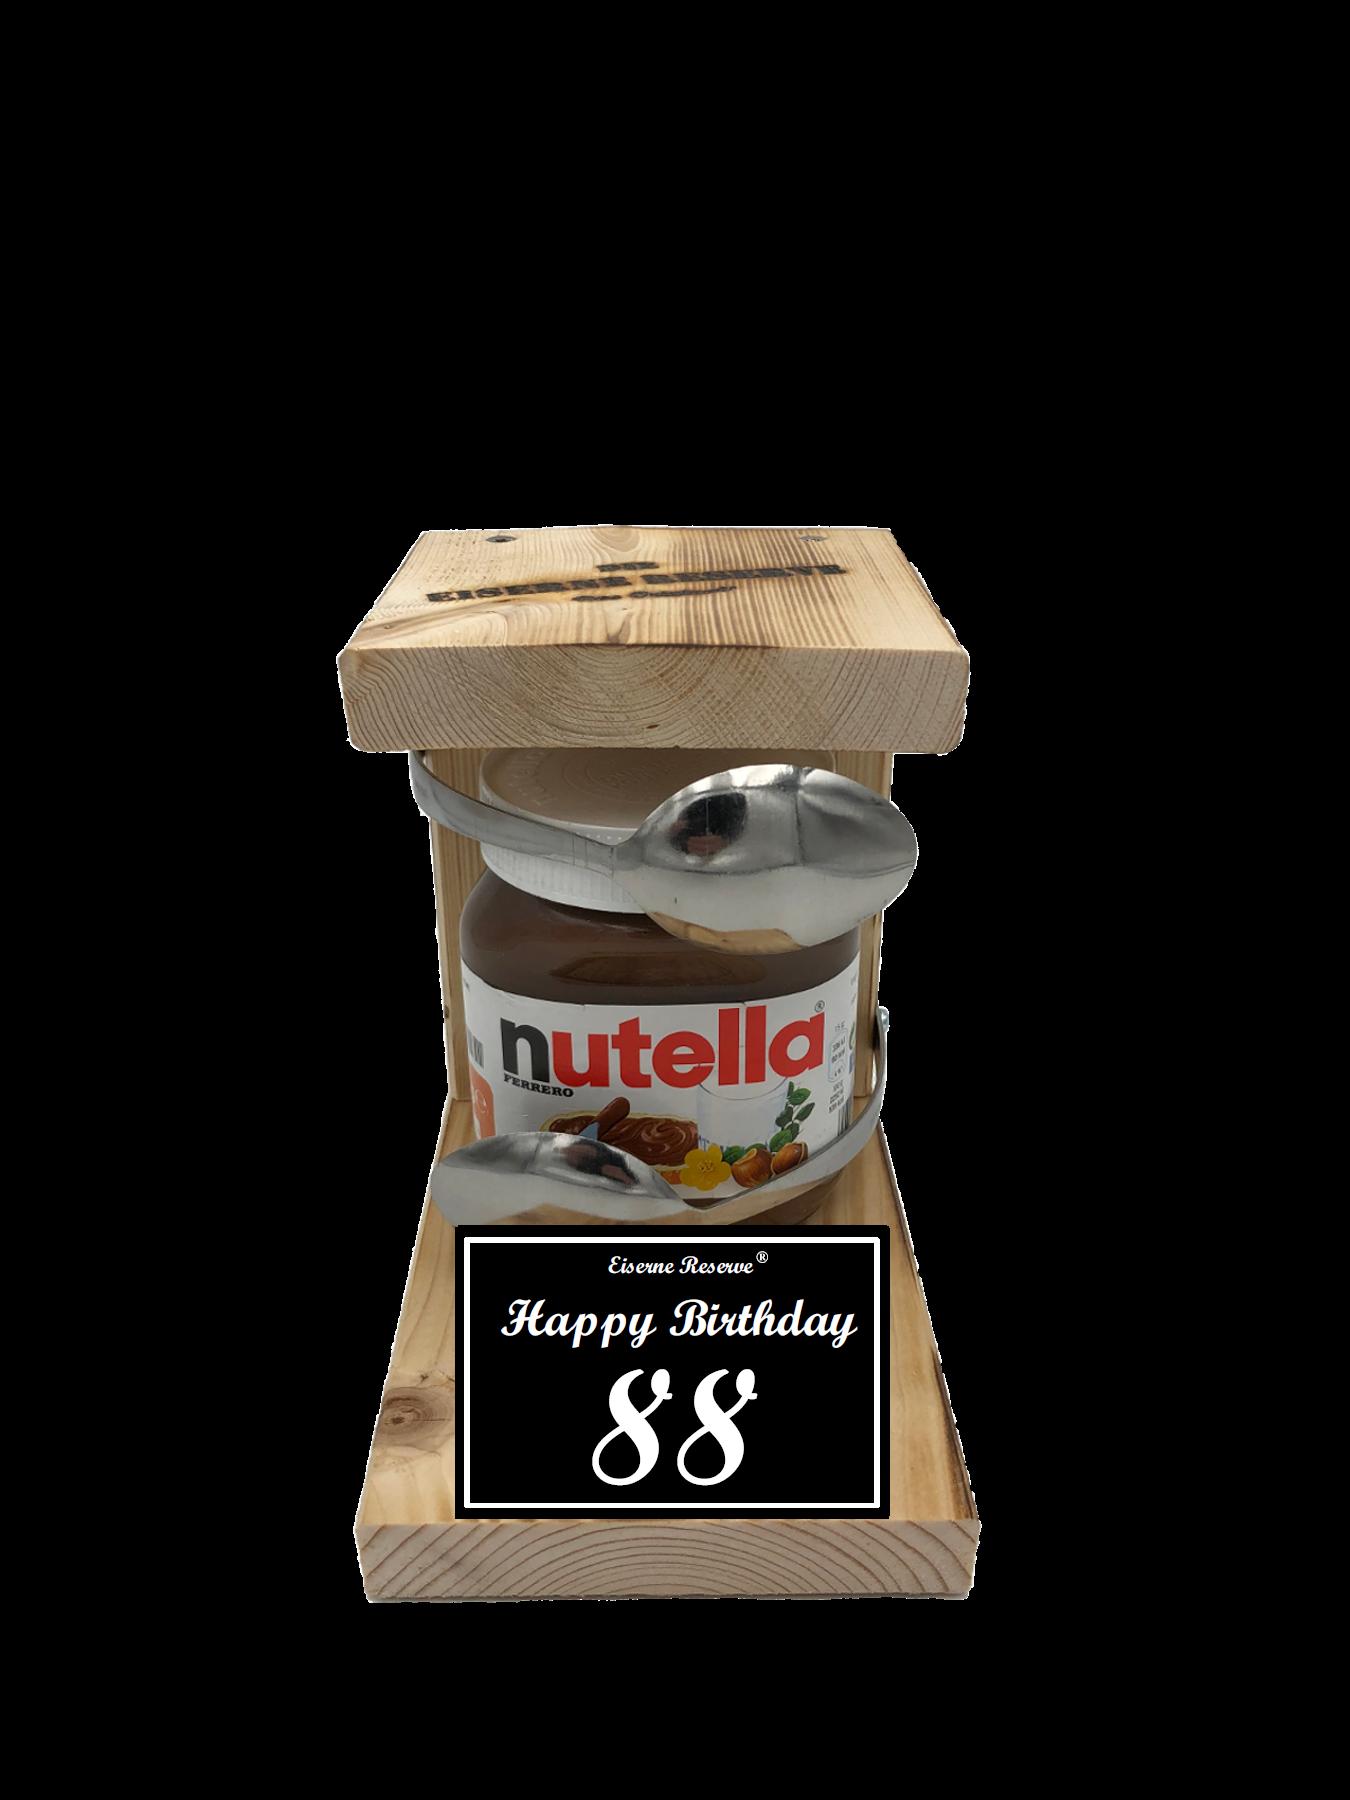 88 Happy Birthday Löffel Nutella Geschenk - Die Nutella Geschenkidee